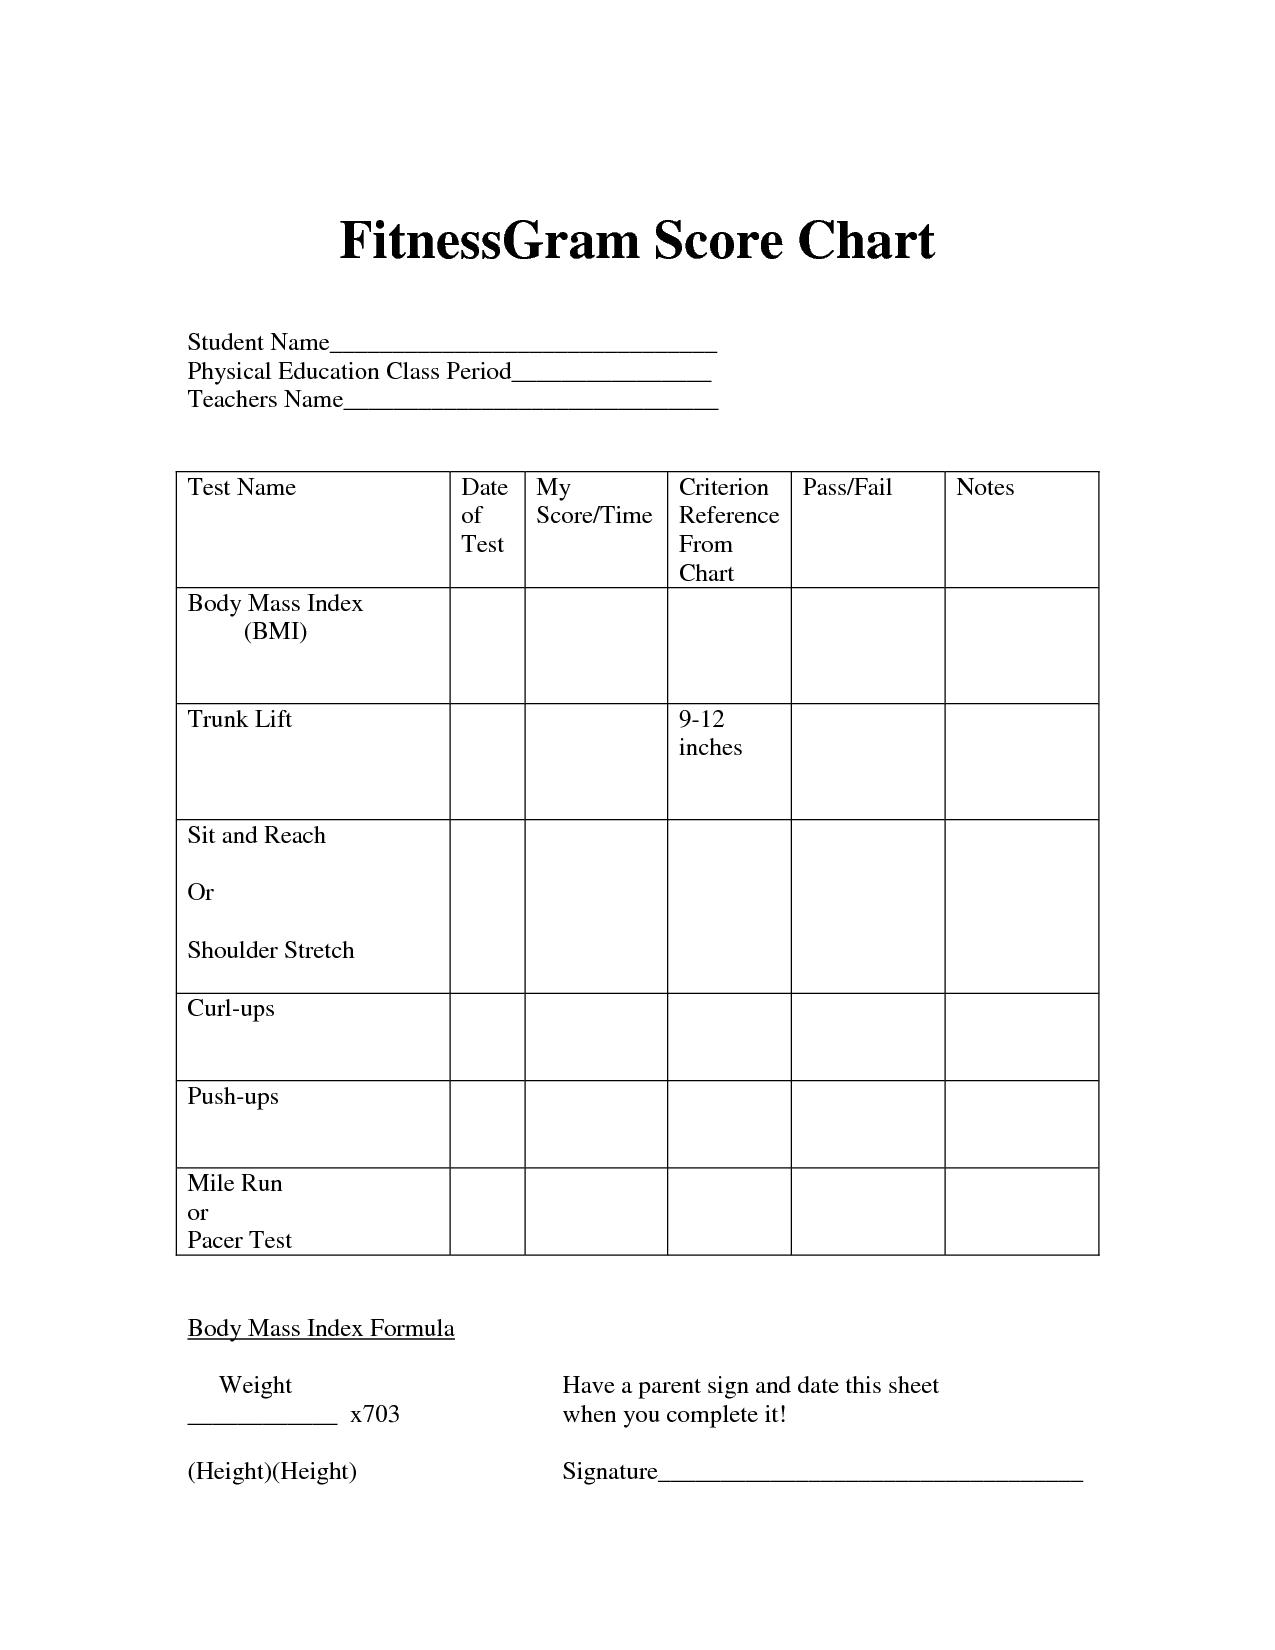 Fitness Gram Scores Chart